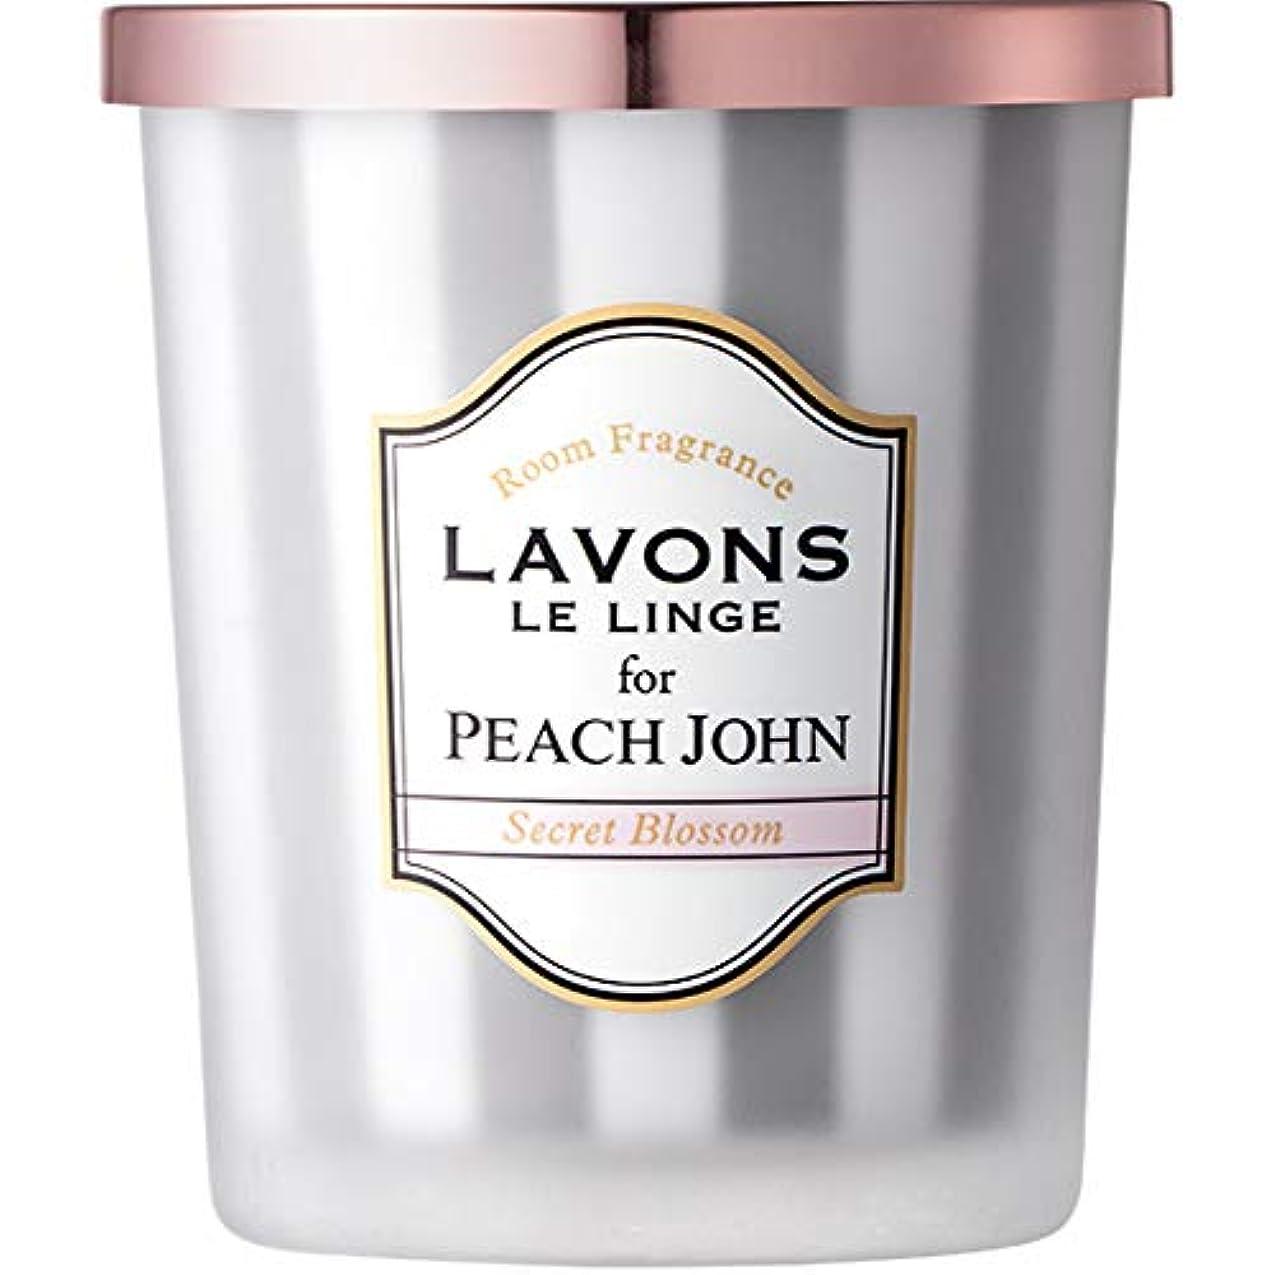 雹プレビスサイト痛いラボン for PEACH JOHN 部屋用フレグランス シークレットブロッサムの香り 150g